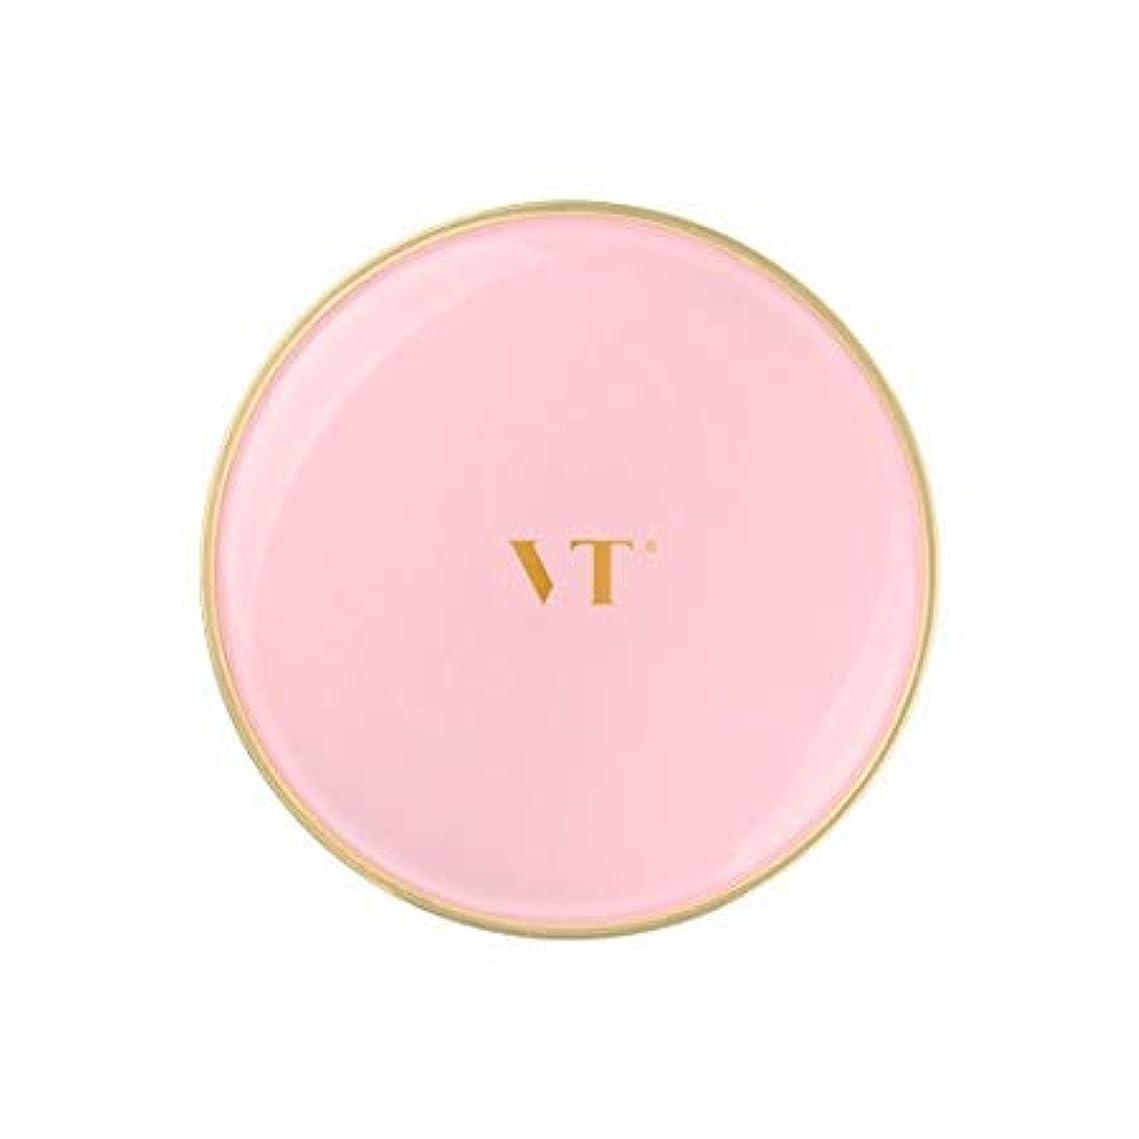 カテゴリークスクス手綱VT Collagen Pact 21号 11g /ブイティーコラーゲンパクト11g #21 【並行輸入品】